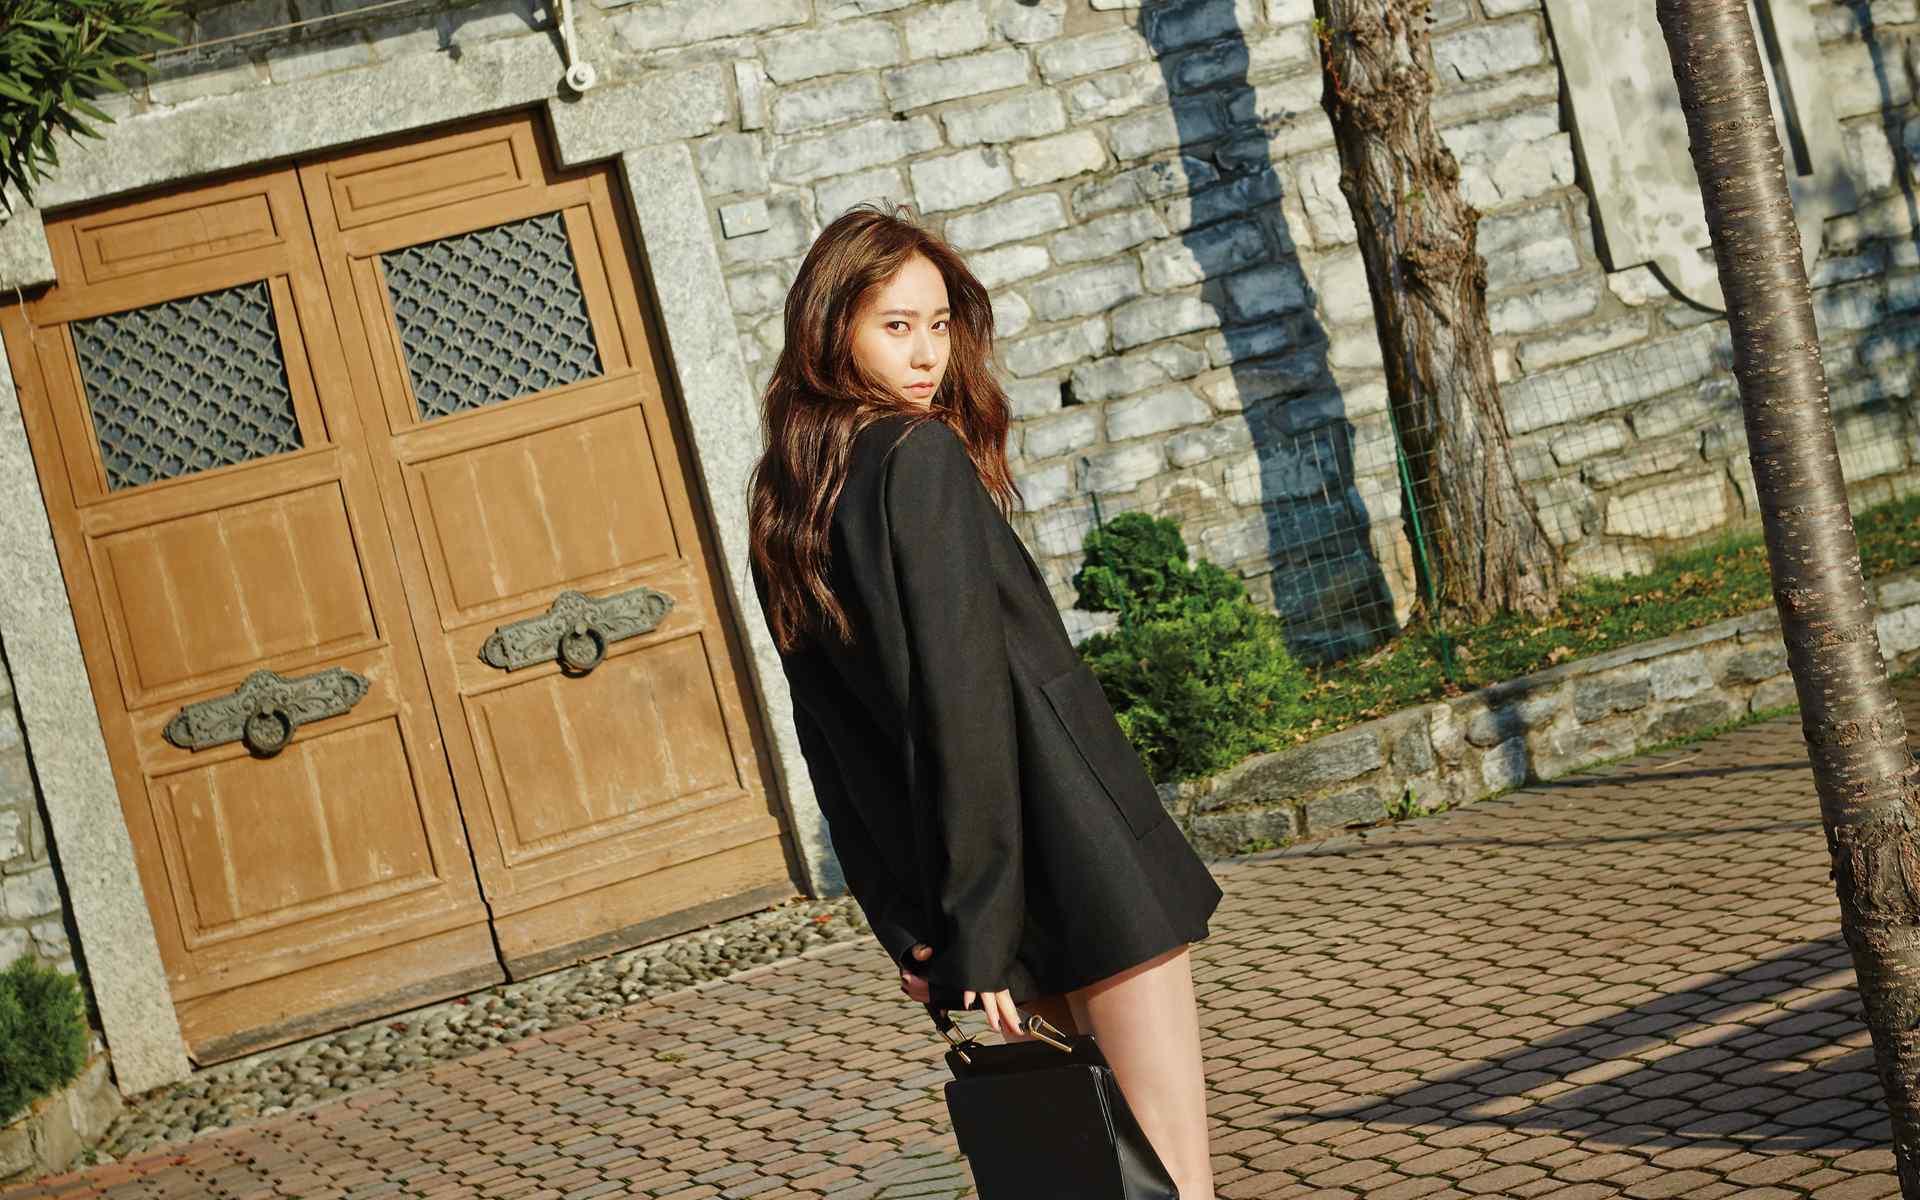 Krystal郑秀晶高清街拍图片壁纸